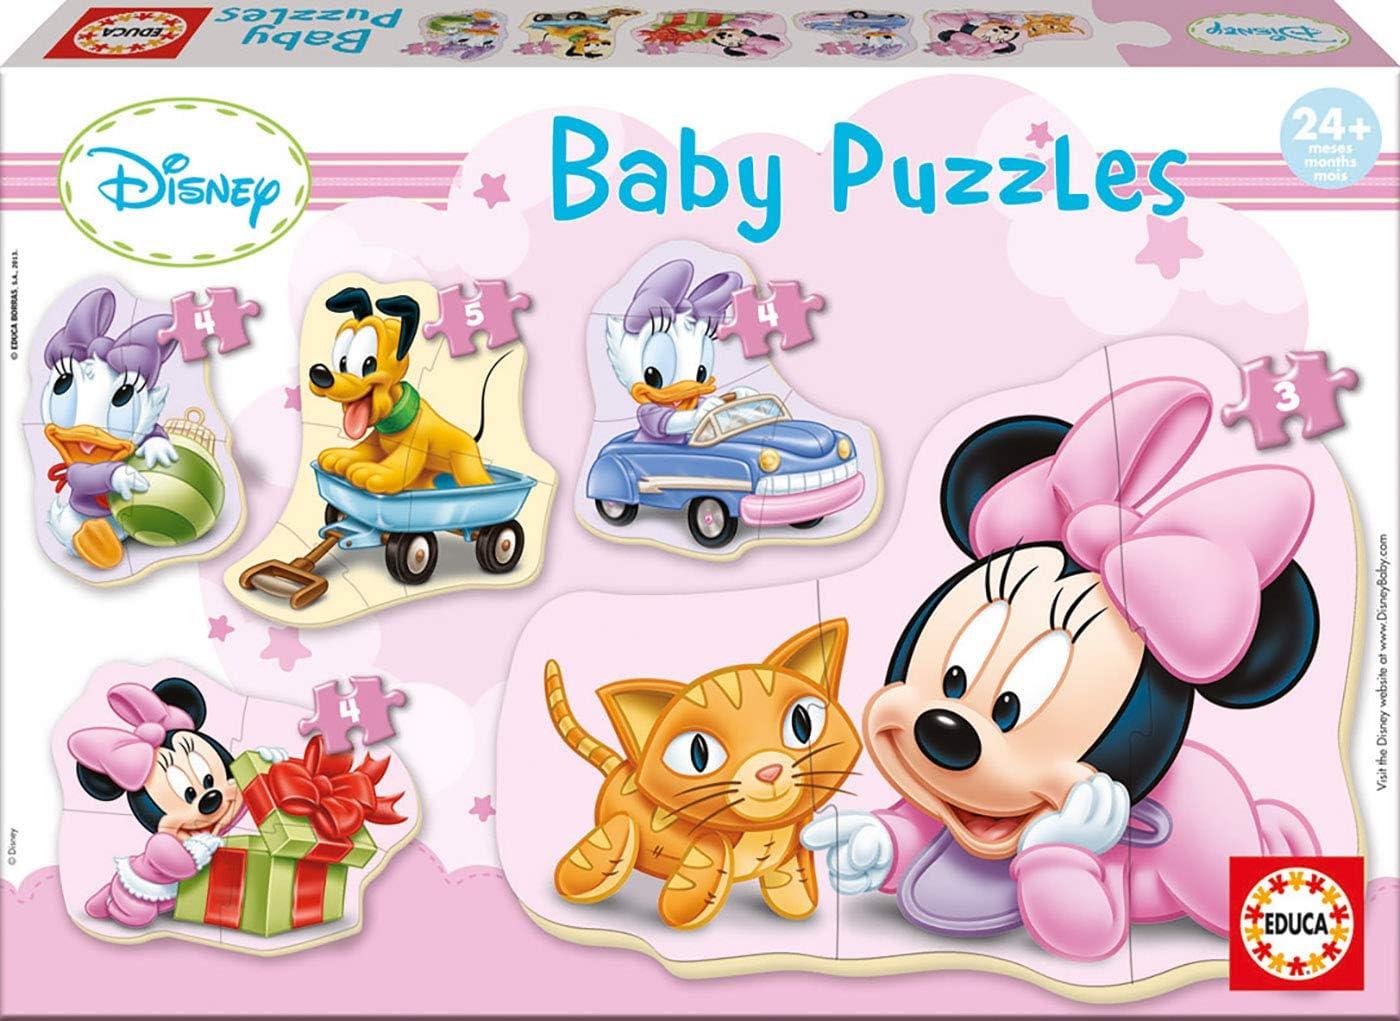 Educa - Baby Puzzles, puzzle infantil Baby Minnie, 5 puzzles progresivos de 3 a 5 piezas, a partir de 24 meses (15612): Amazon.es: Juguetes y juegos